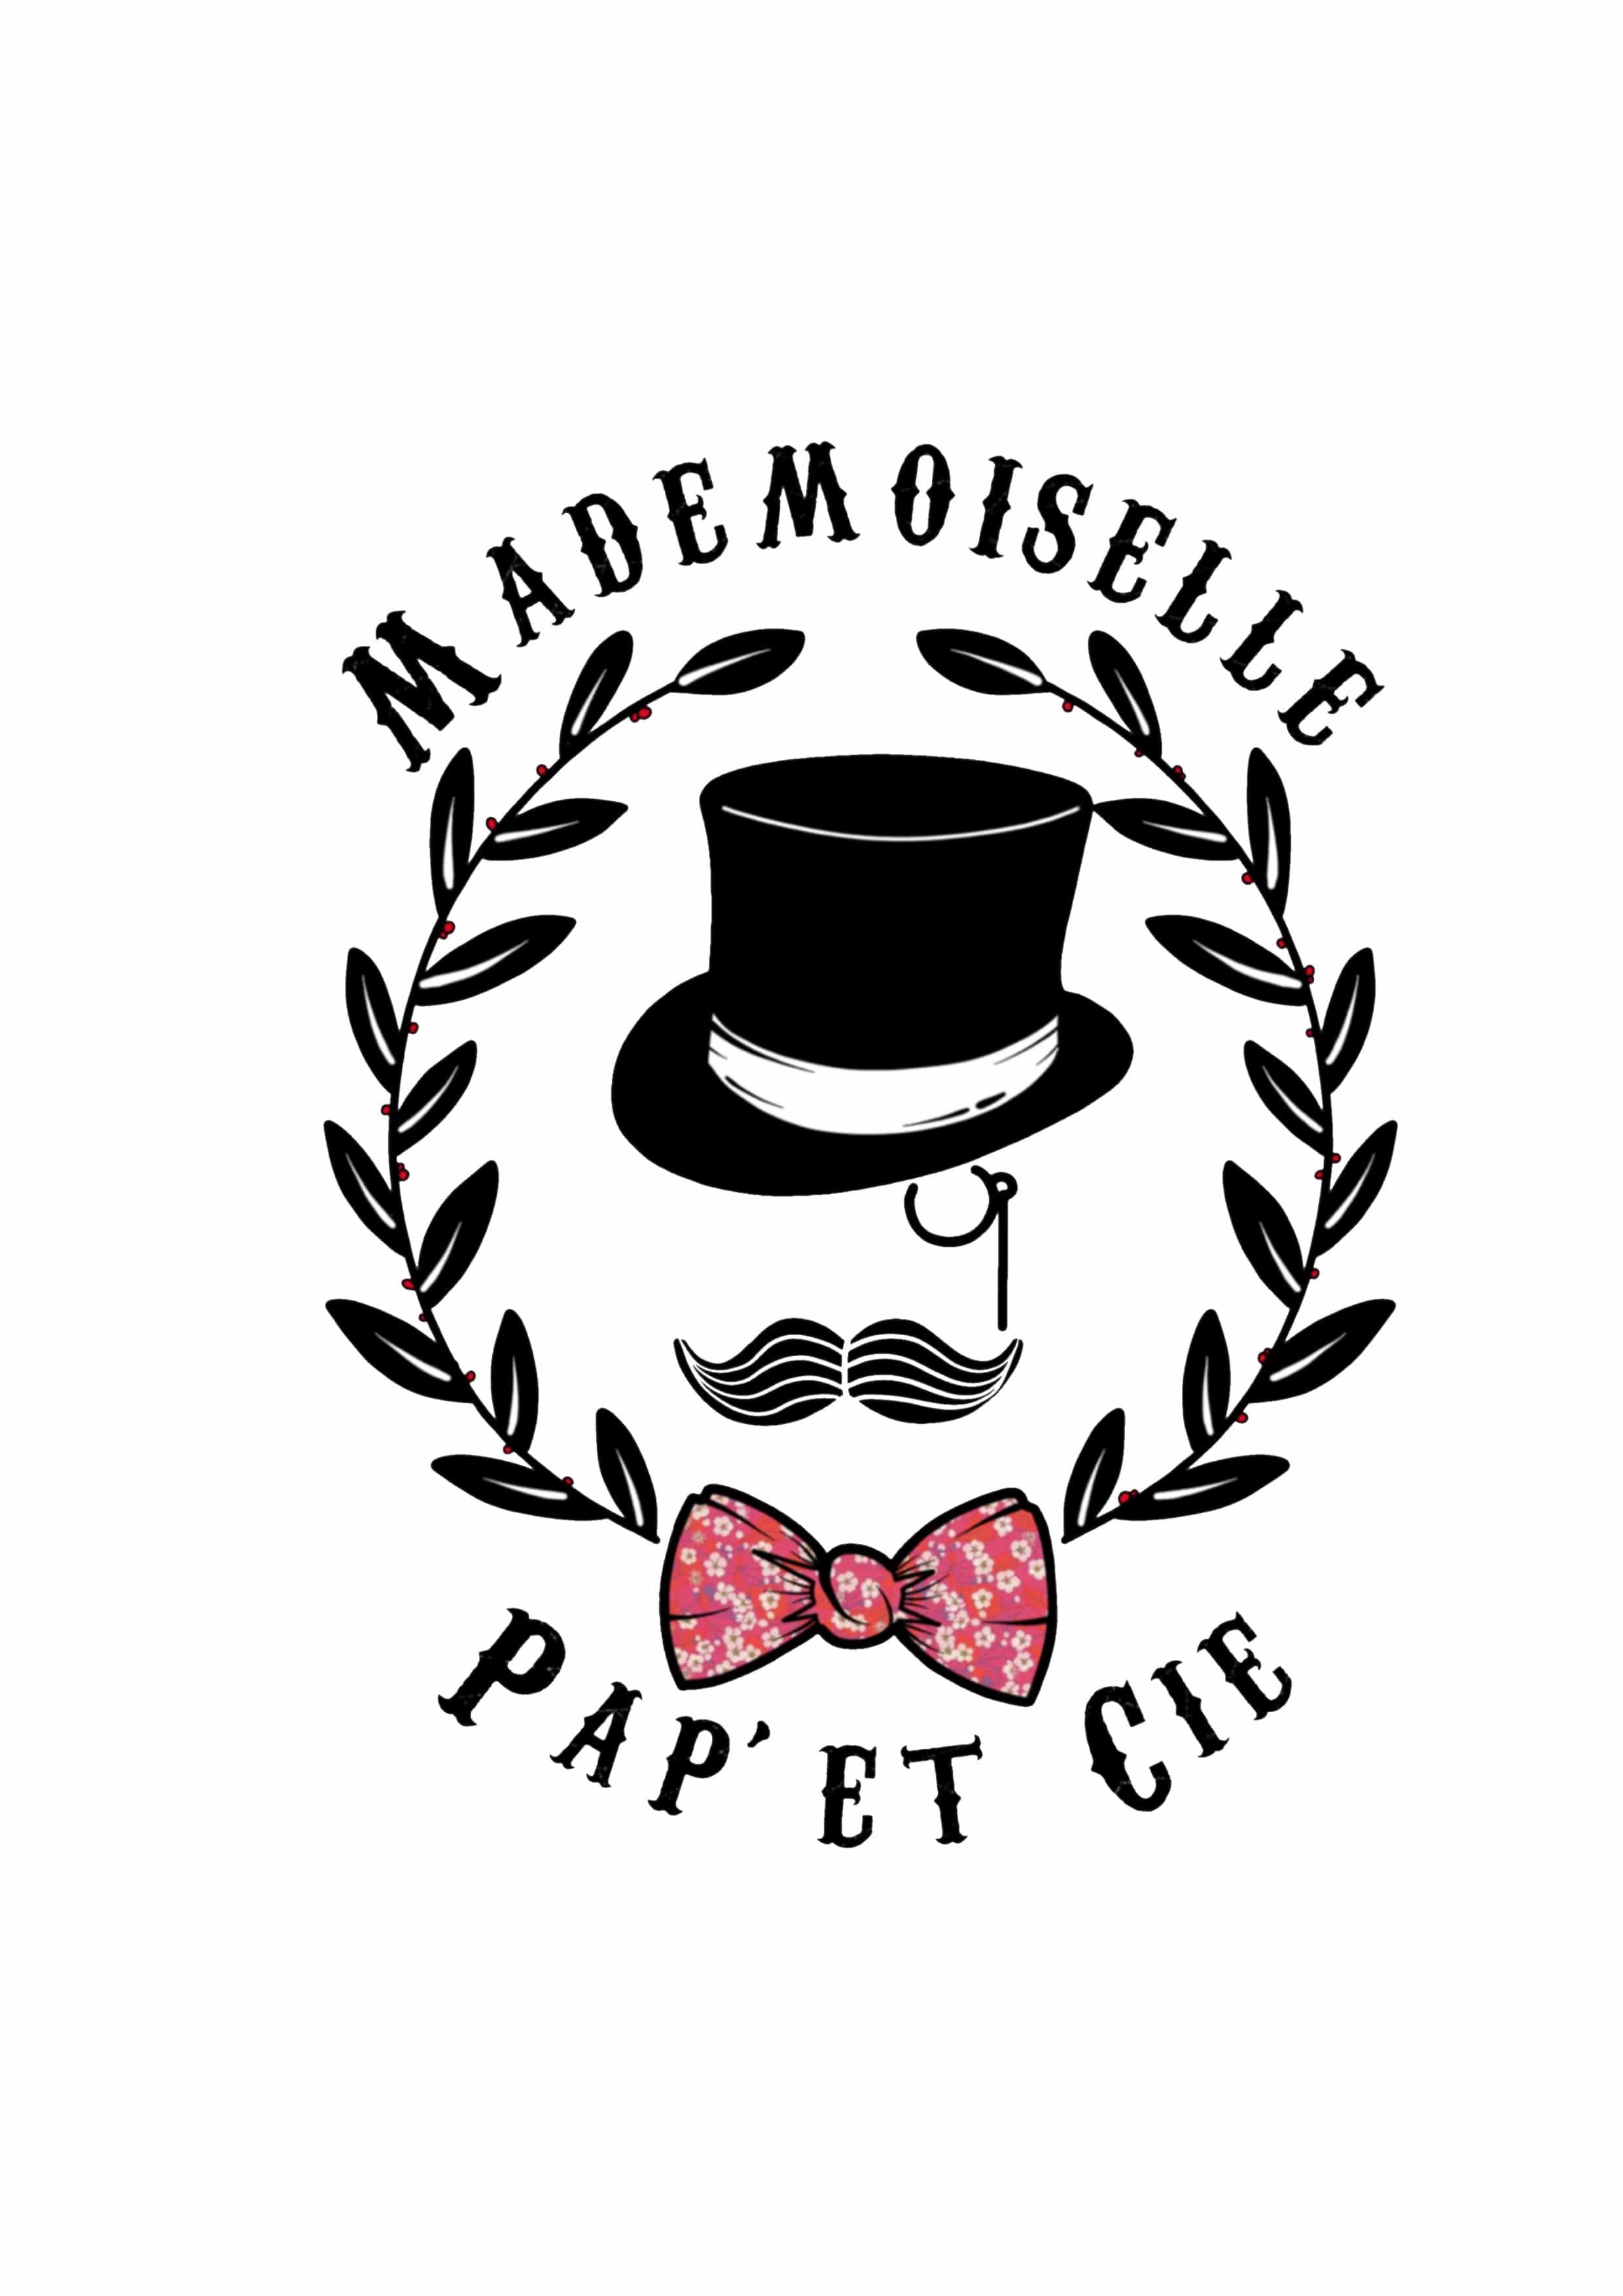 Mademoiselle Pap' et Cie Shop